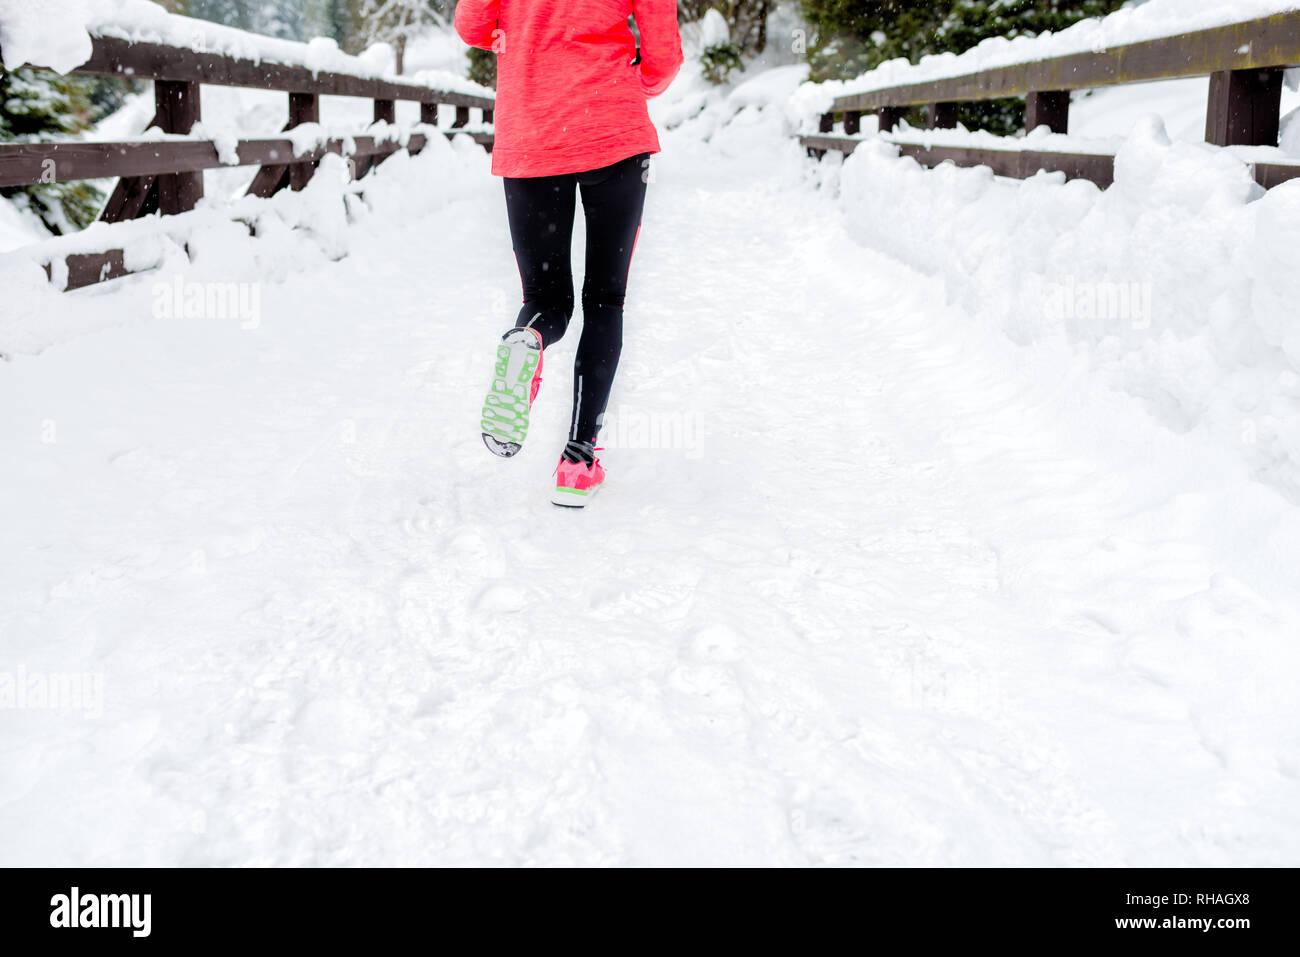 Joven que trabaja sobre la nieve en montañas en invierno vistiendo ropa de abrigo, guantes en tiempo de nieve. Sport fitness, la inspiración y la motivación. Feliz teen wo Foto de stock